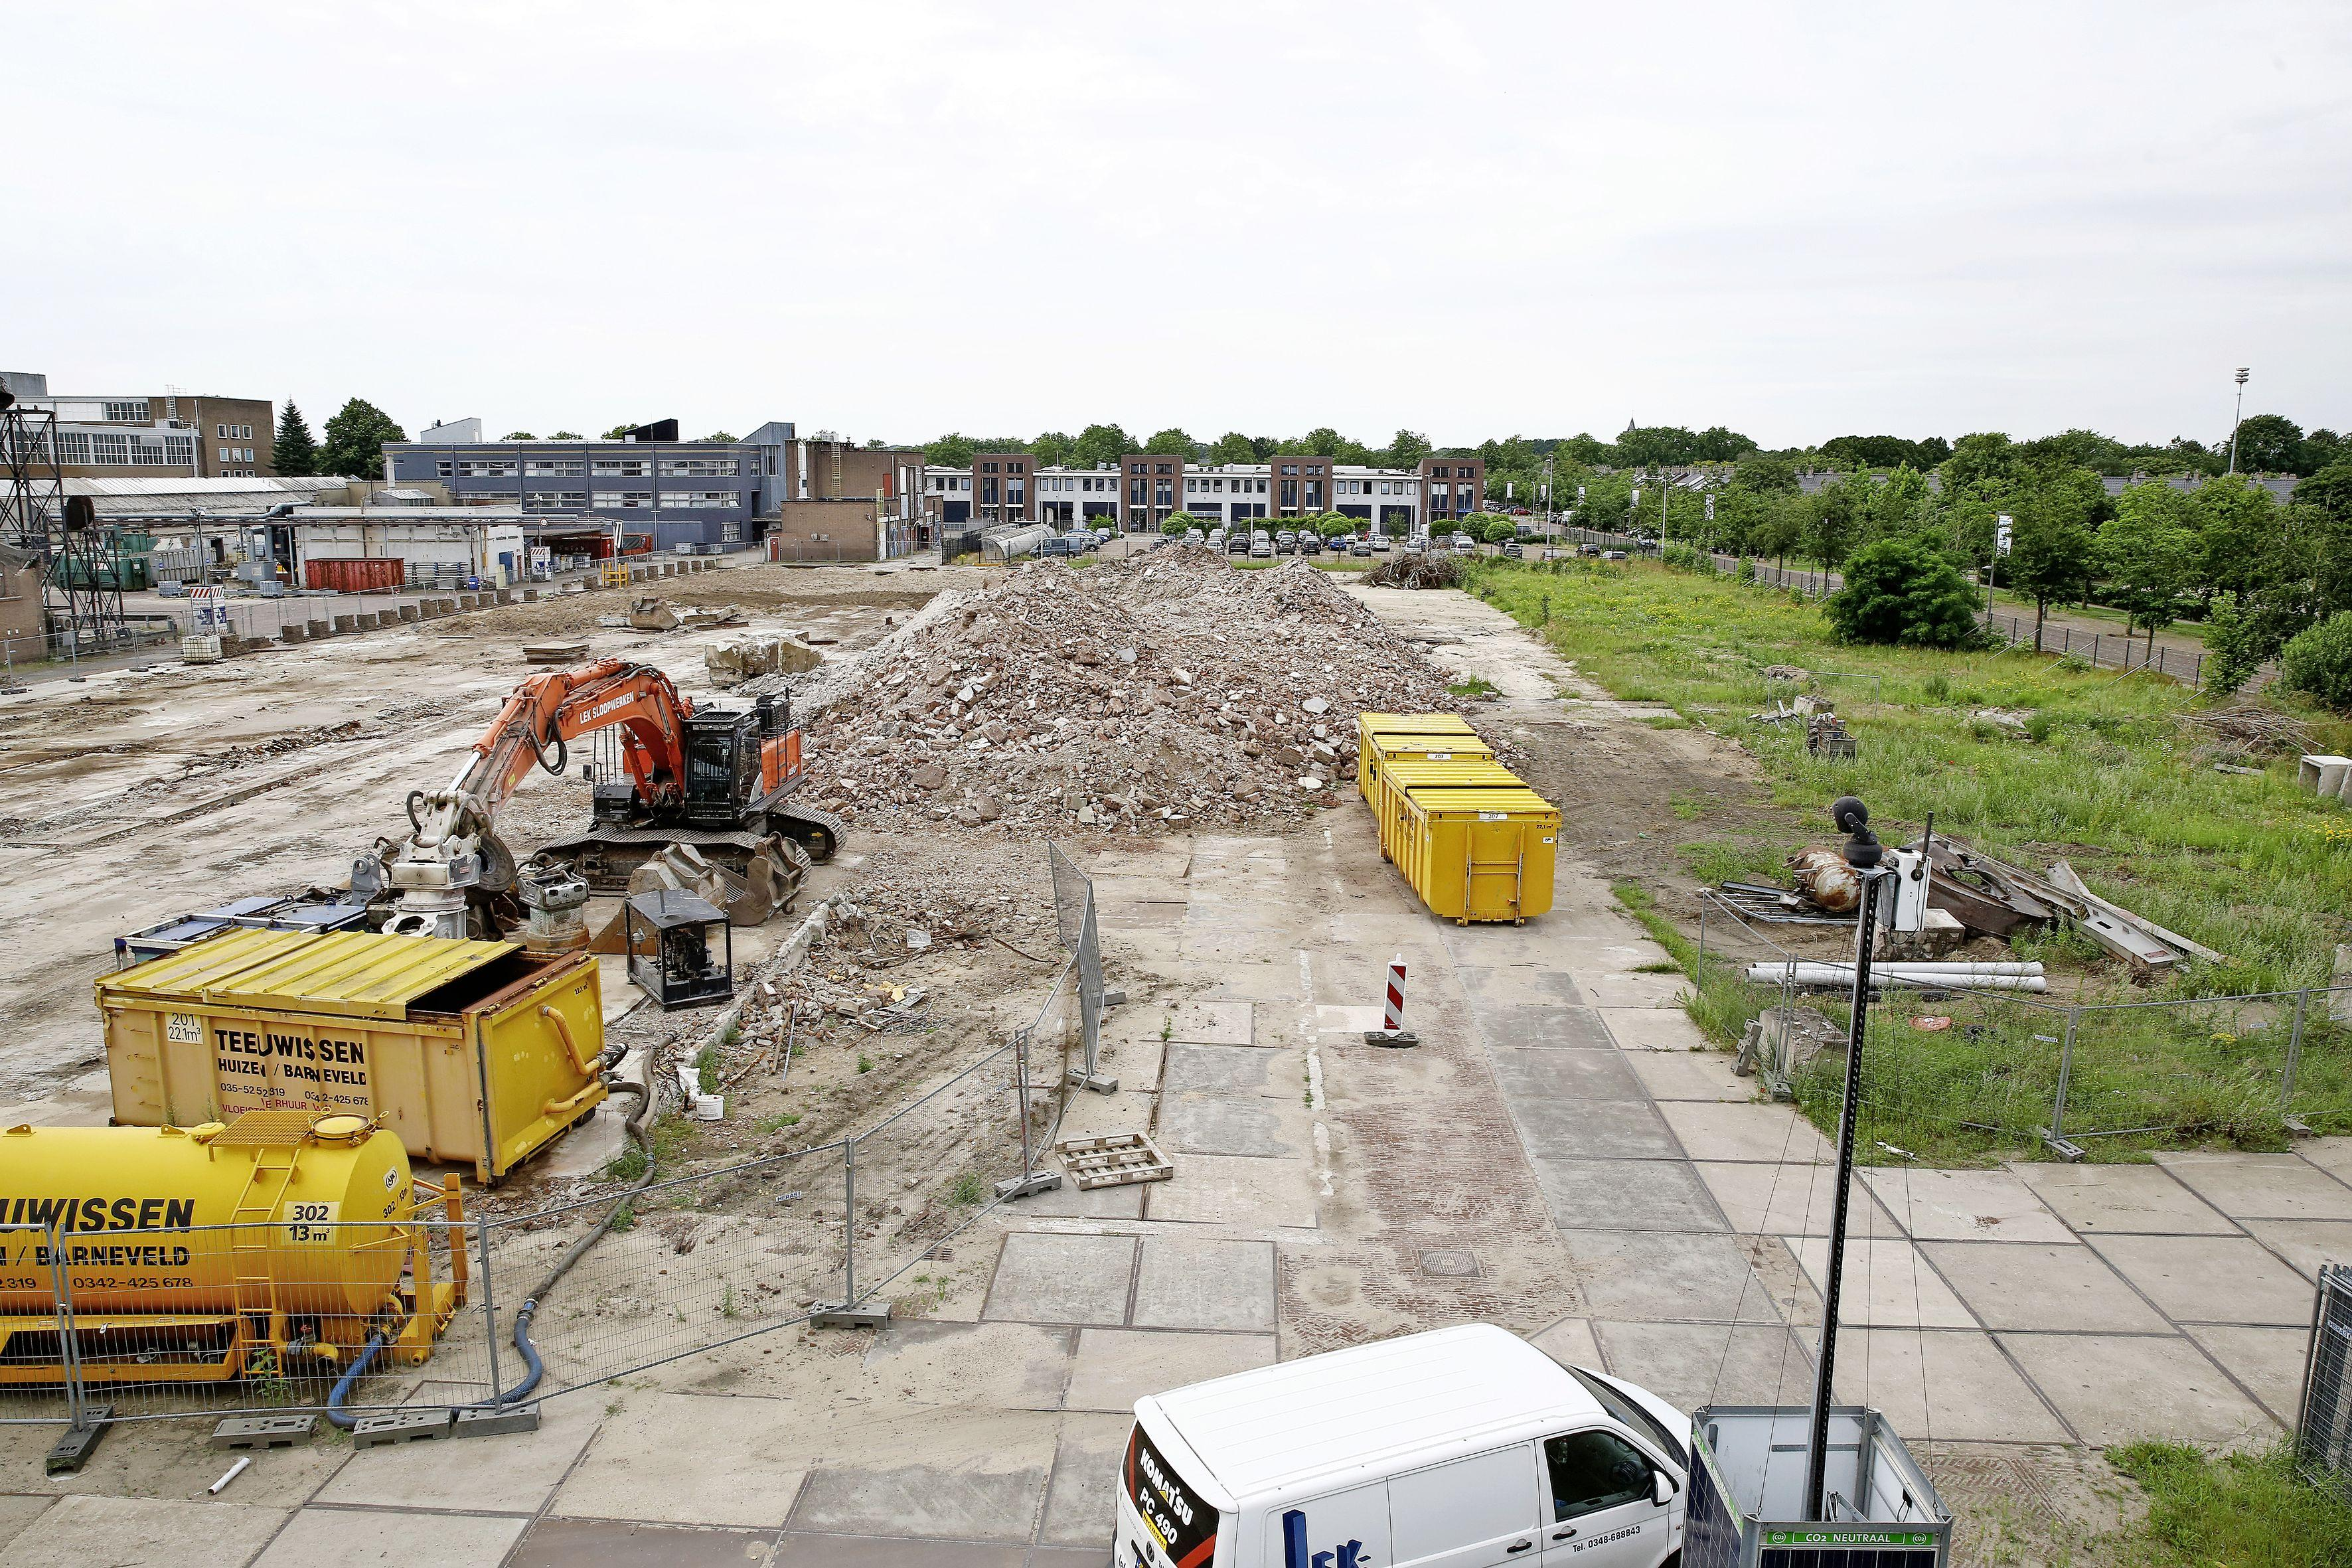 Coronel is tweede koper BNI-grond in Huizen. 'Levendiger Havenstraat-gebied' met indoor-kartbaan en klimhal; 'Wij ontvangen 70 duizend gasten per jaar'